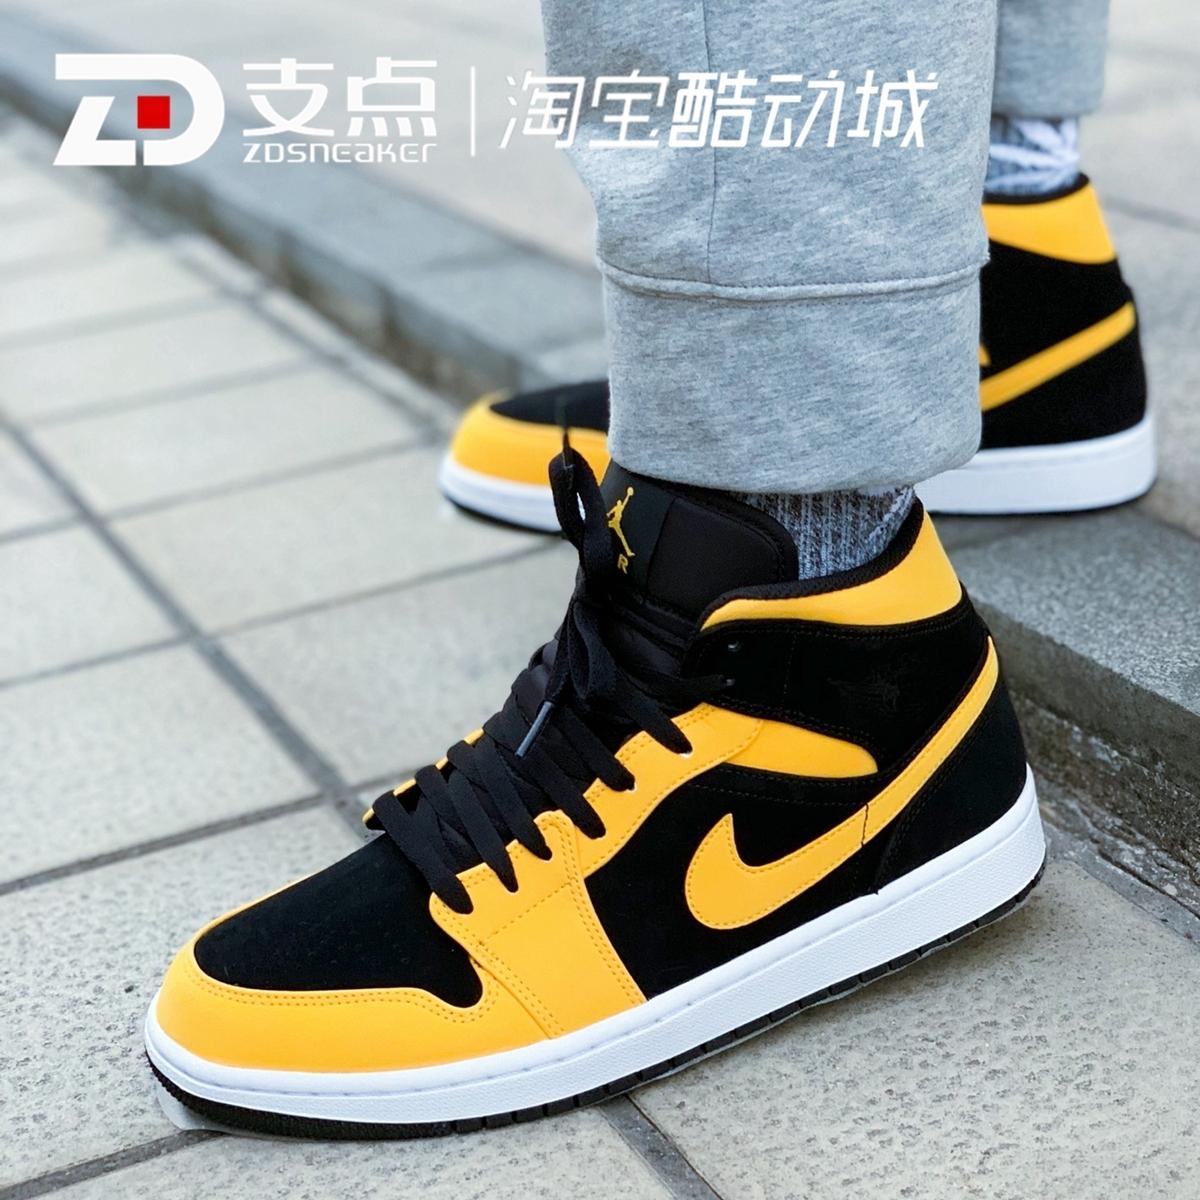 Air Jordan 1 AJ1 MID小黄蜂黑黄芝加哥小闪电男女鞋 554724-116